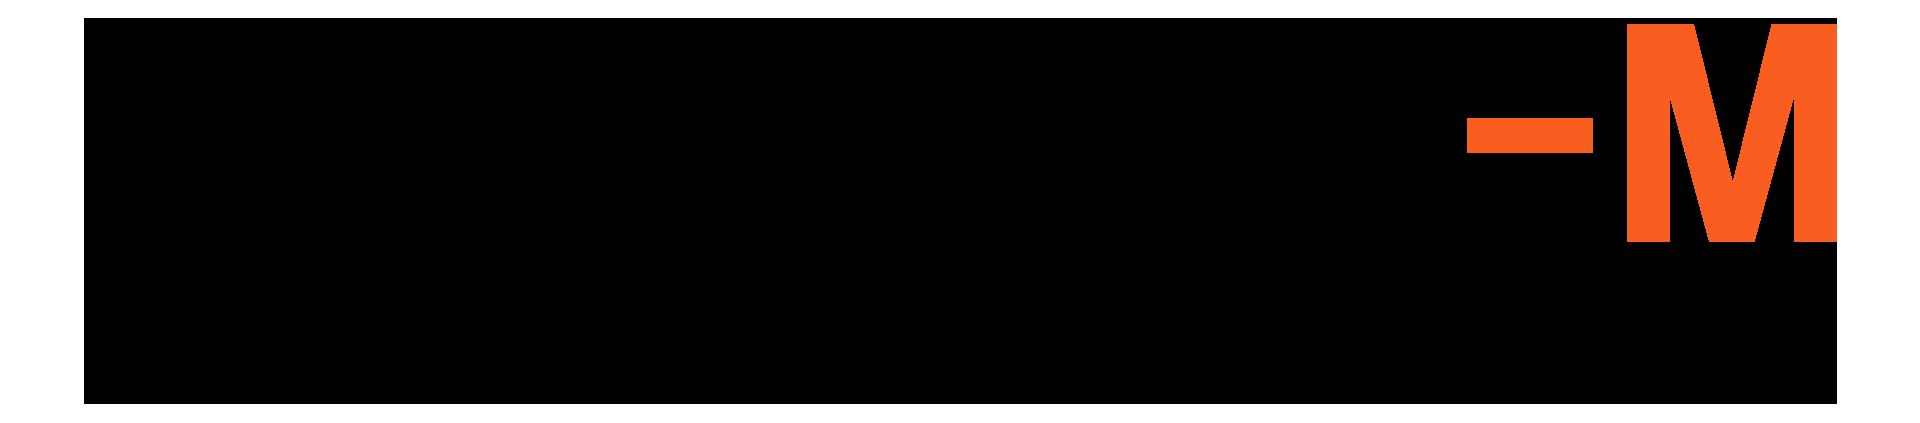 Conecta-M